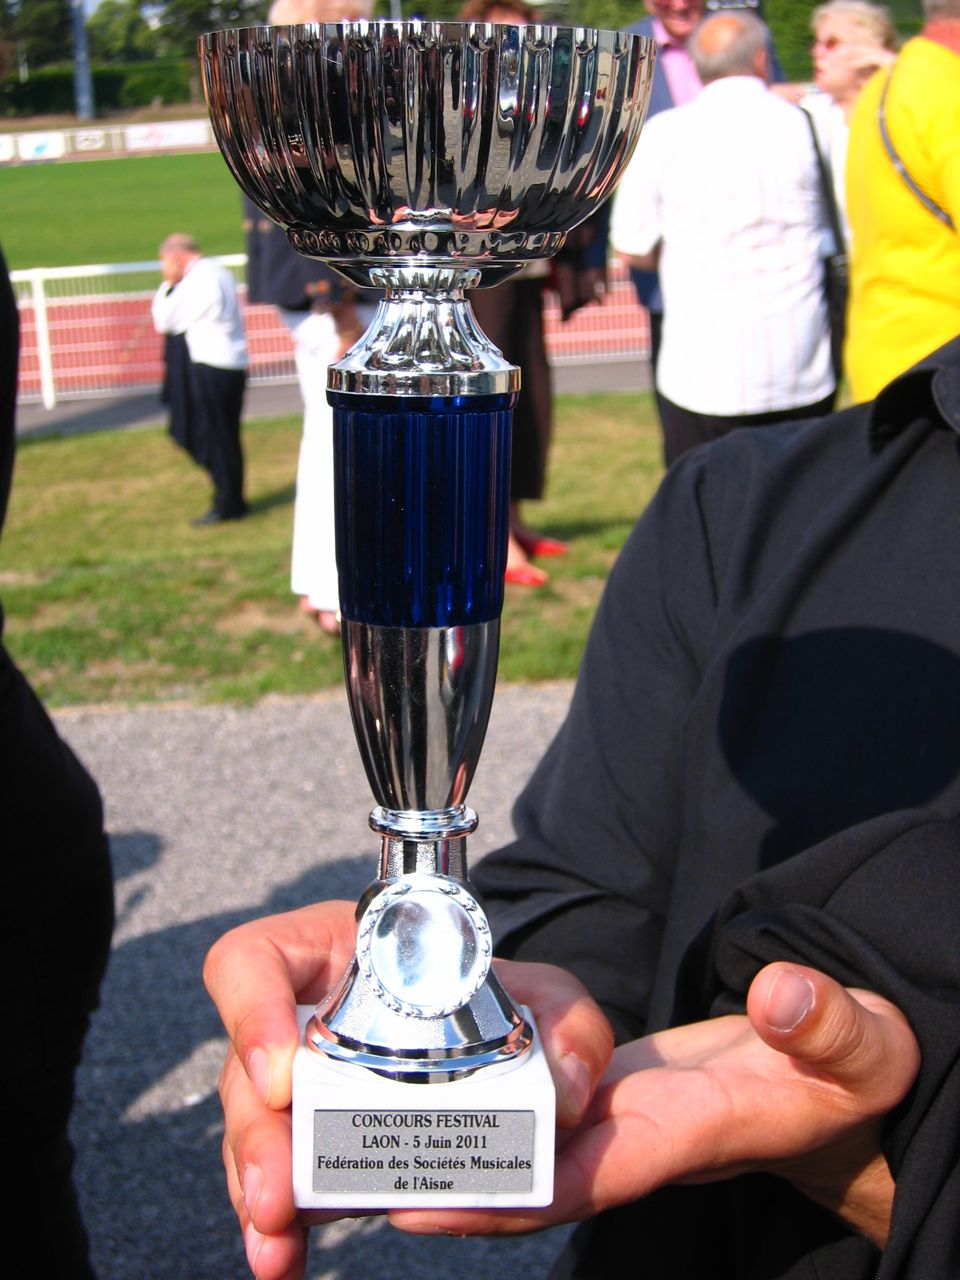 OHTG-concours-Laon-Juin2011-21